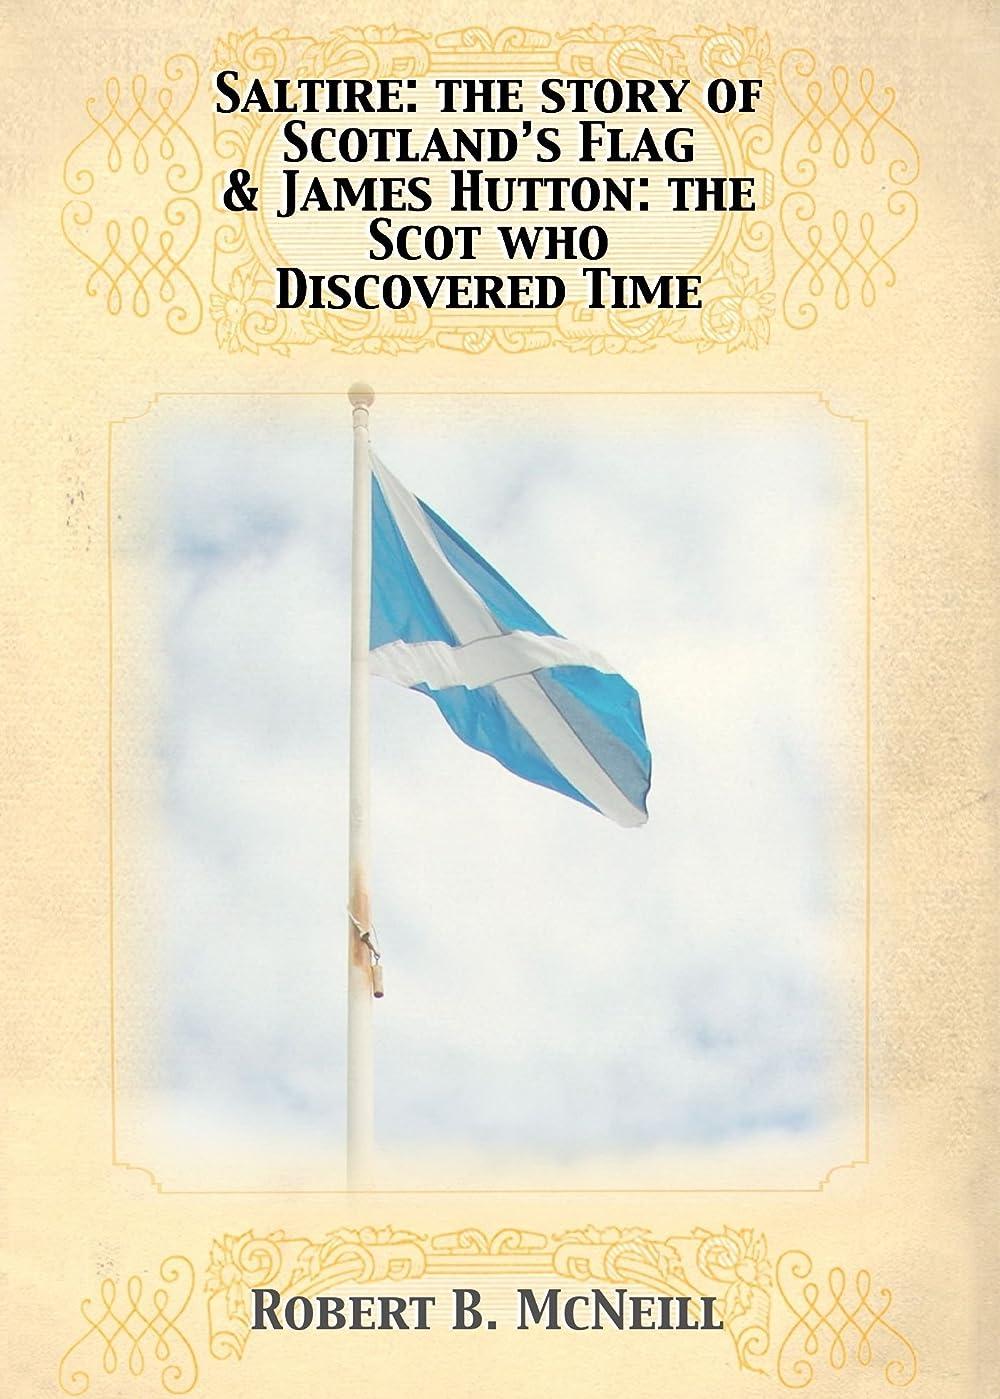 サバント円形溶融Saltire: The Story of Scotland's Flag & James Hutton: the Scot Who Discovered Time (English Edition)